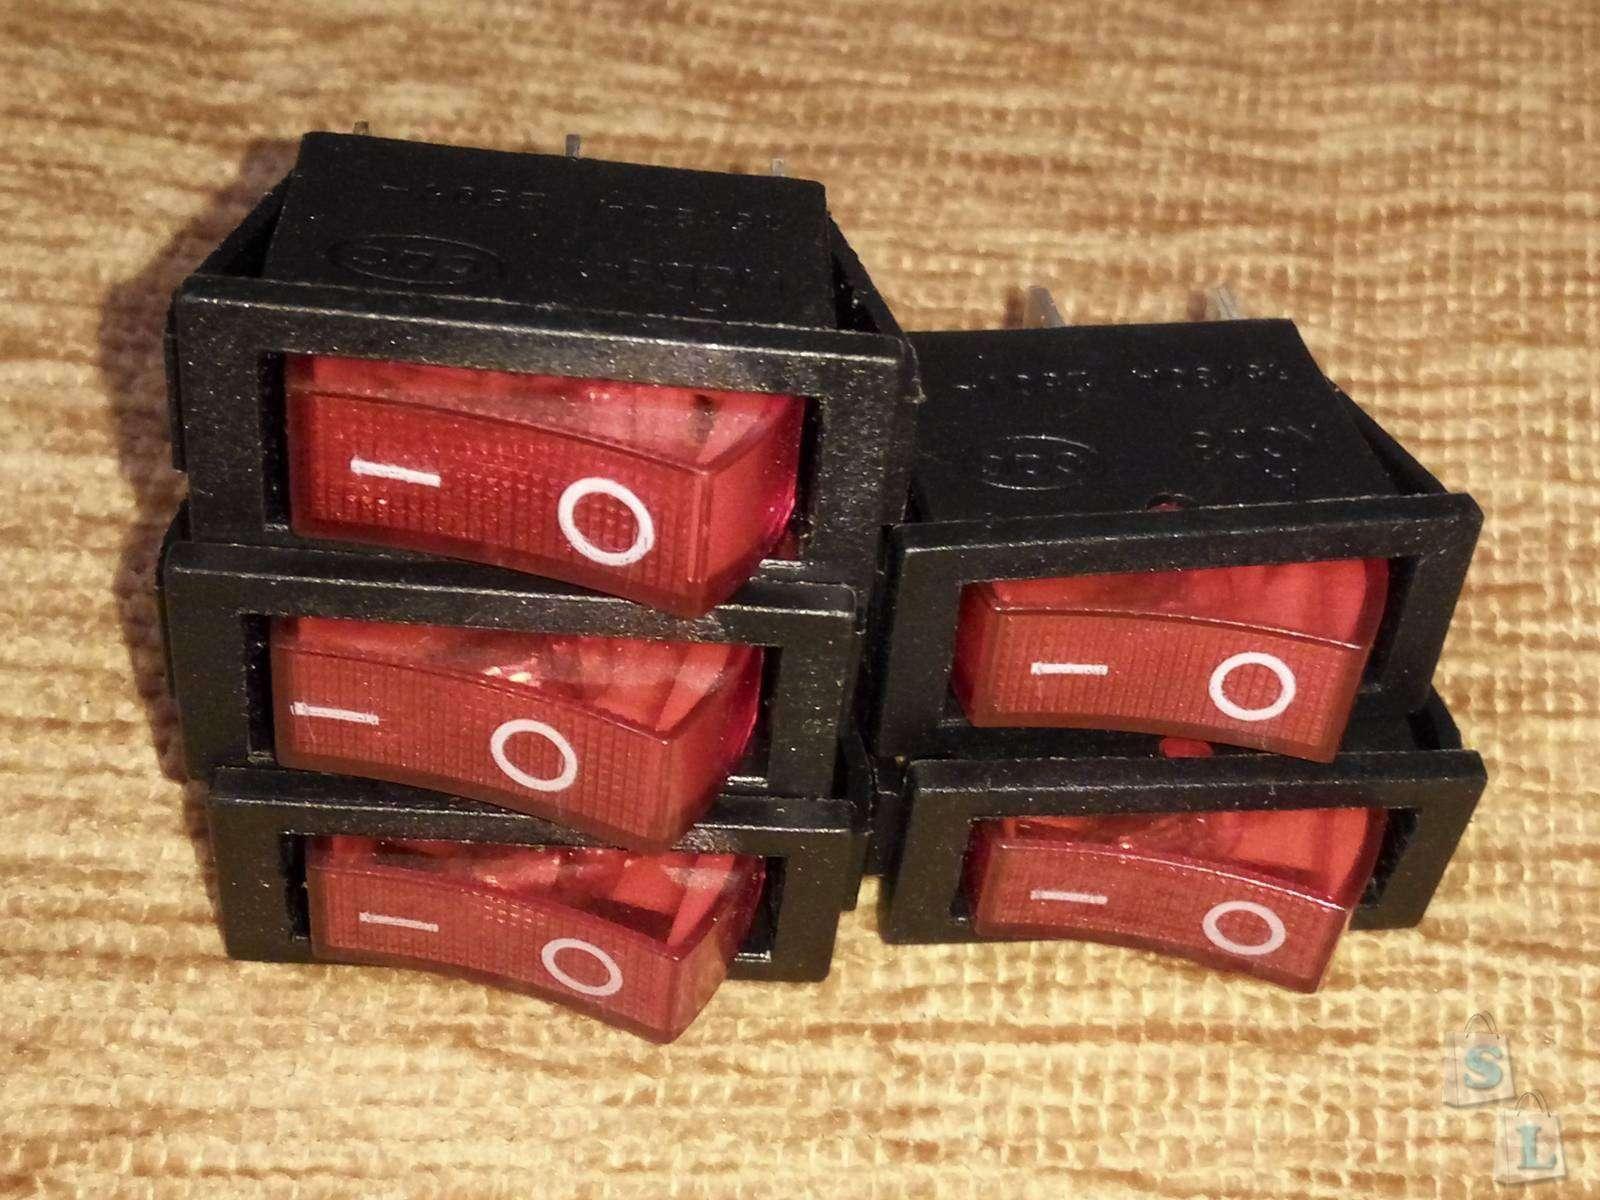 Aliexpress: Комплект компактных переключателей